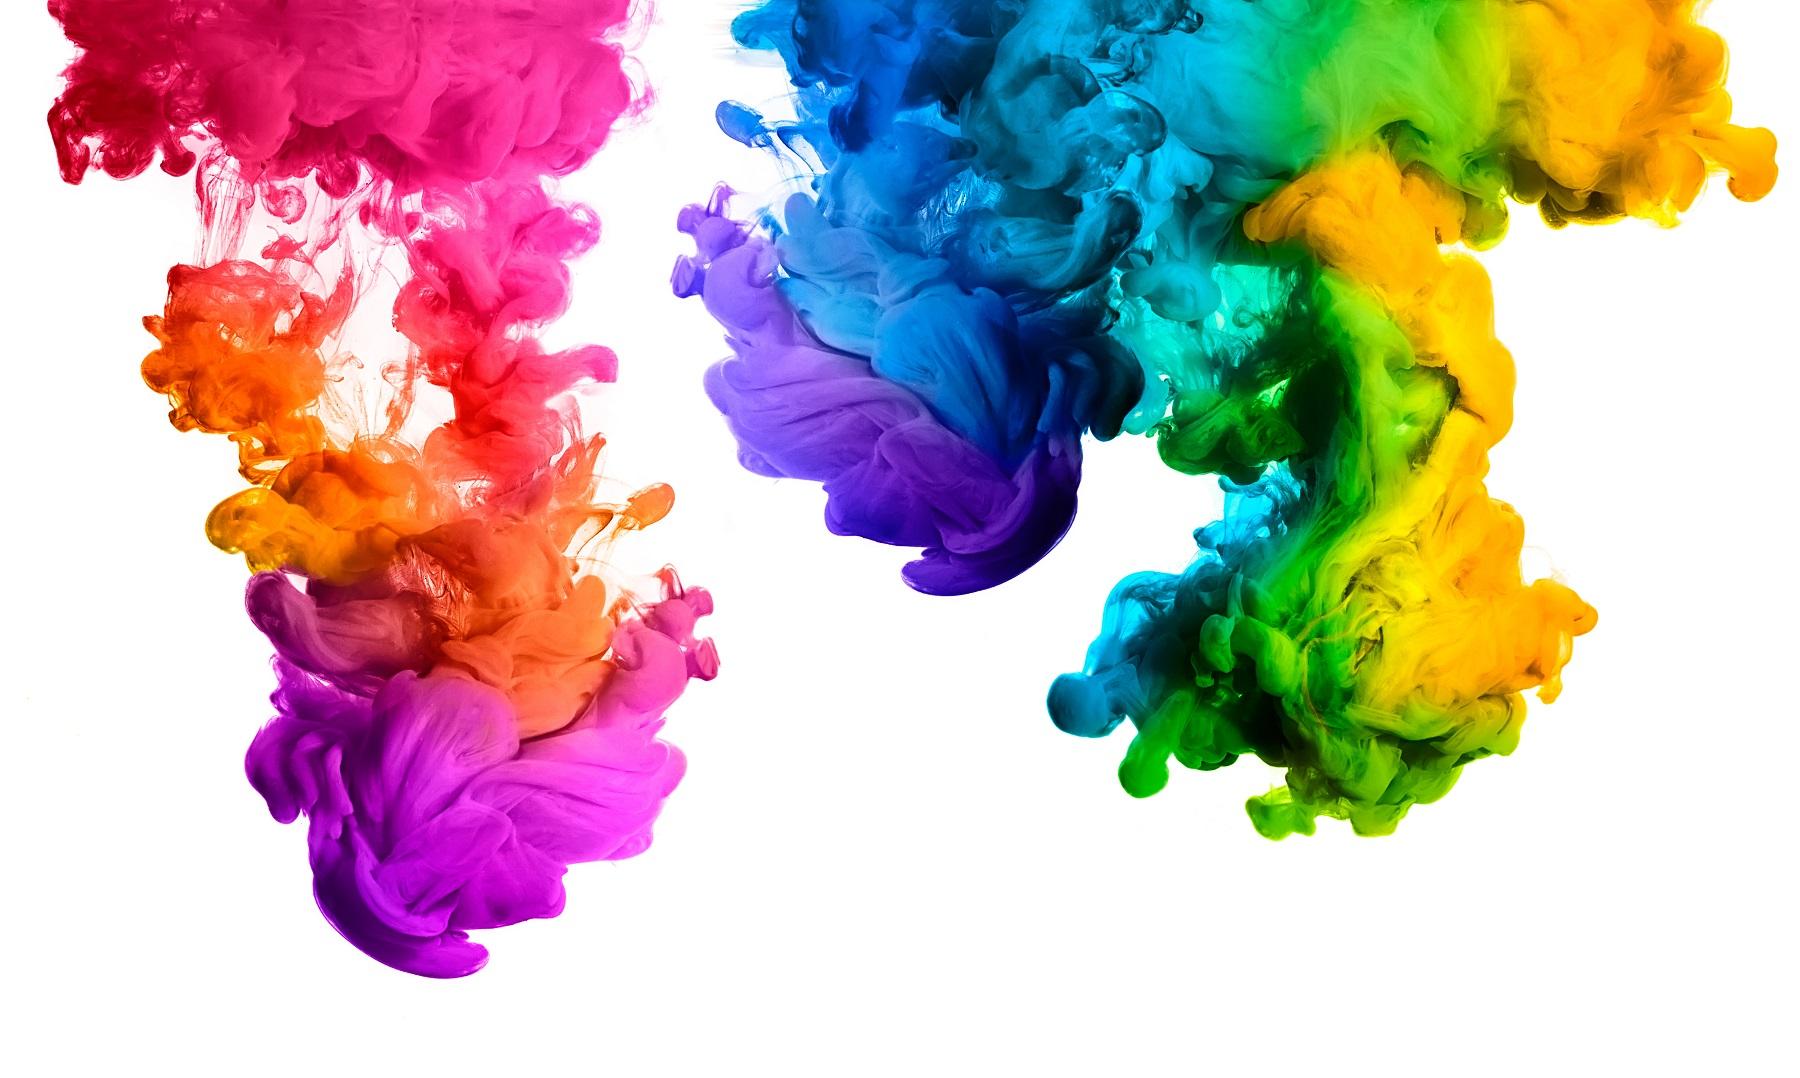 Najmodniejsze kolory na jesień 2017 według Pantone kolor Institute